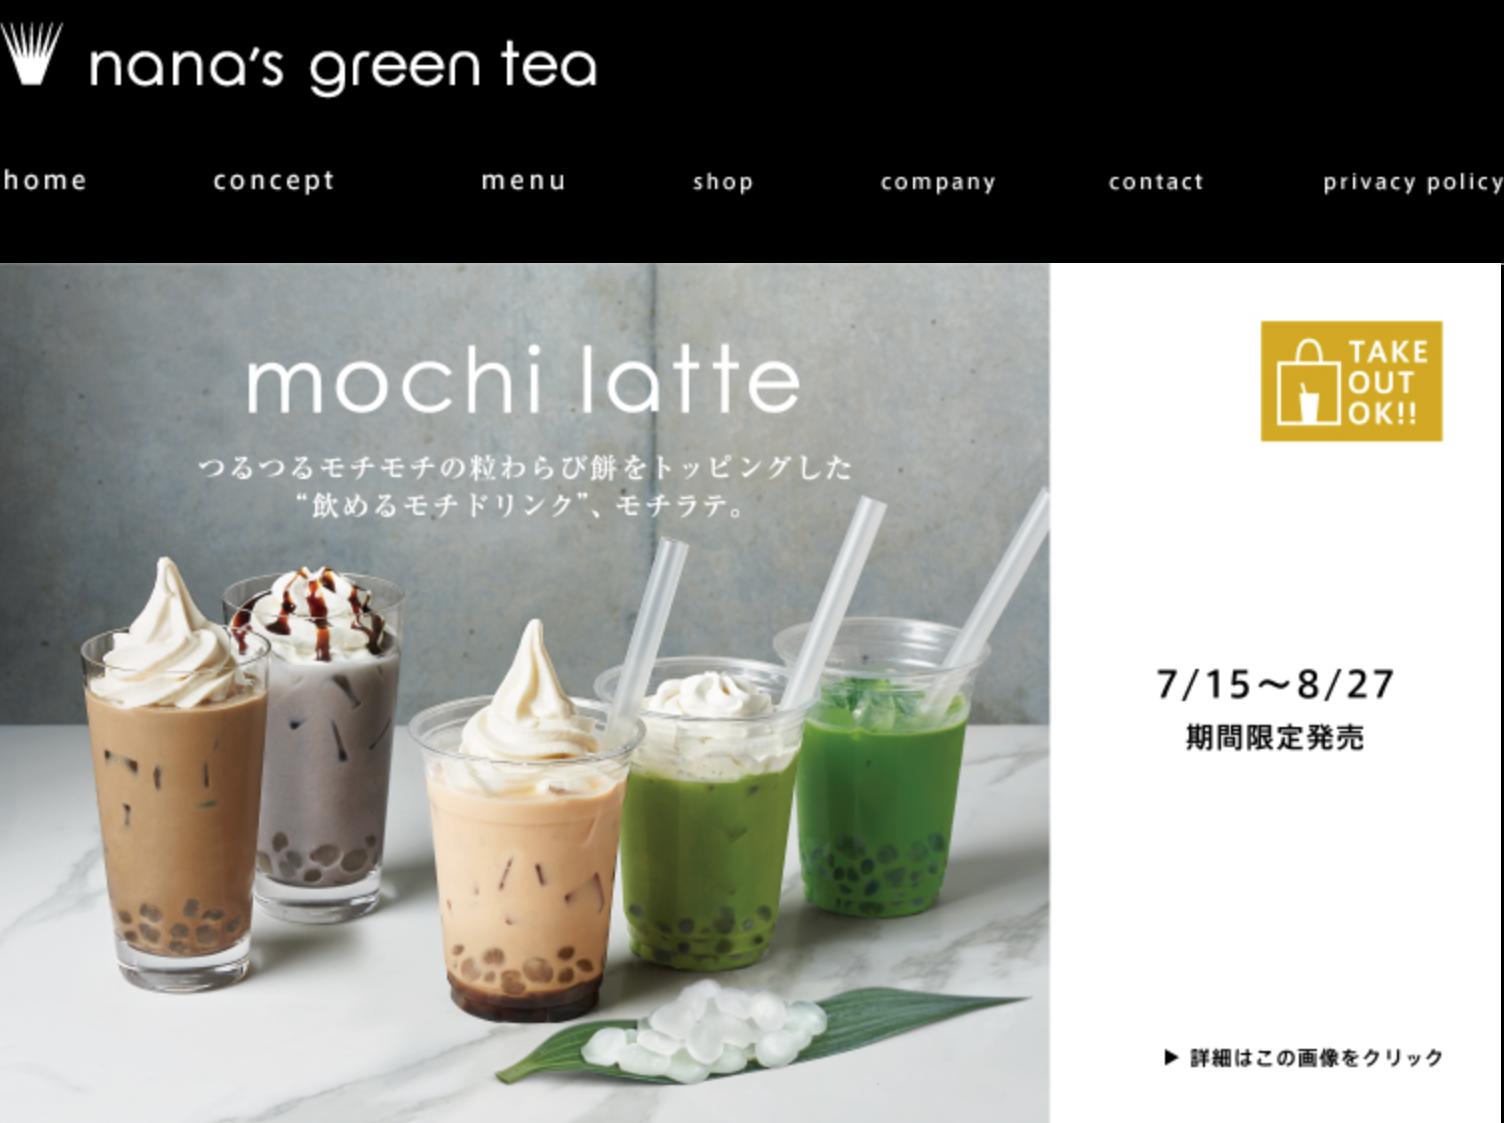 星巴克在日本首次开设茶饮专卖店,日本茶饮店过去4年增长3倍以上